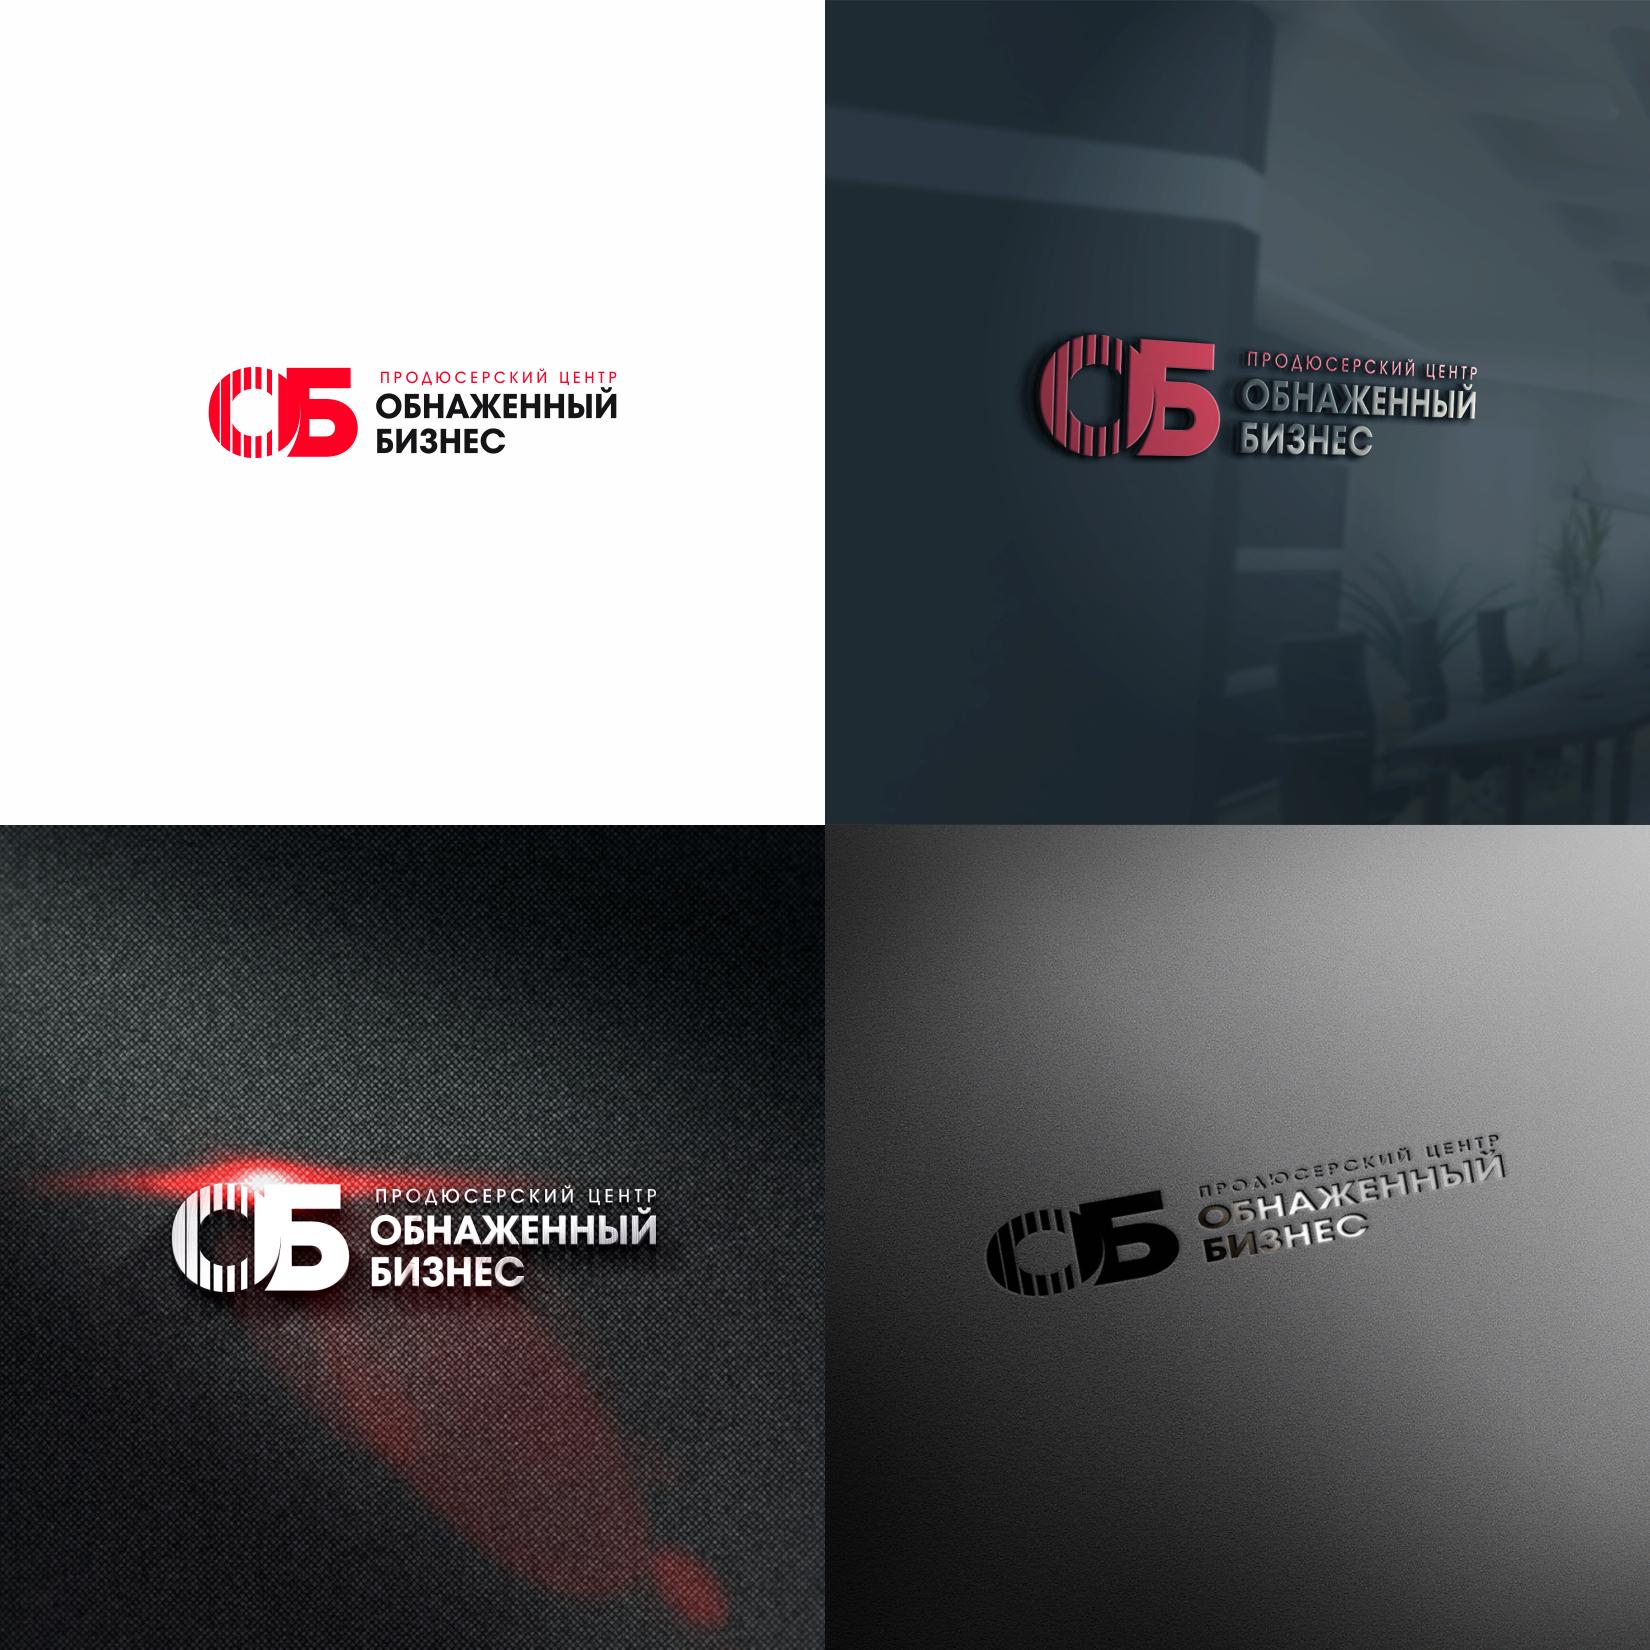 """Логотип для продюсерского центра """"Обнажённый бизнес"""" фото f_9445ba223be6b9b8.jpg"""